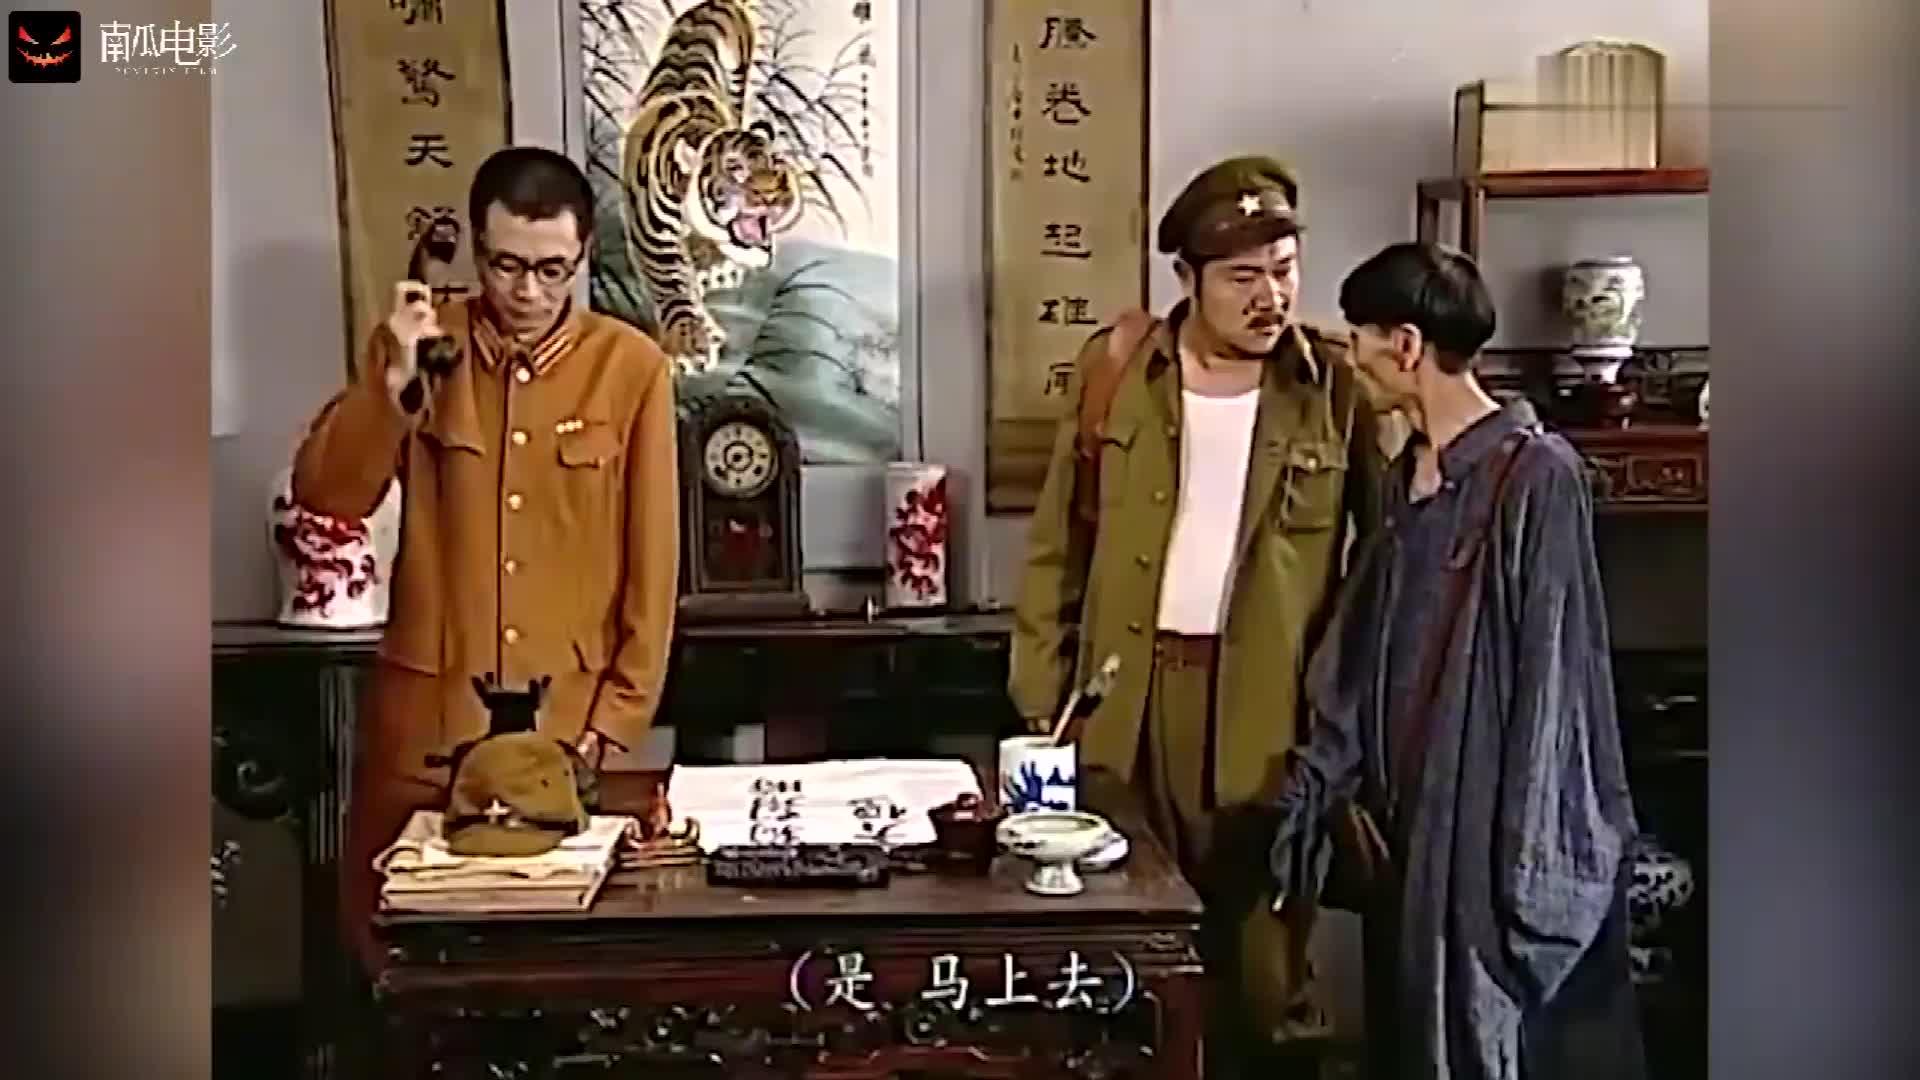 地下交通站: 建议不要吃饭的时候看, 贾队长爆笑审问叛徒, 经典!